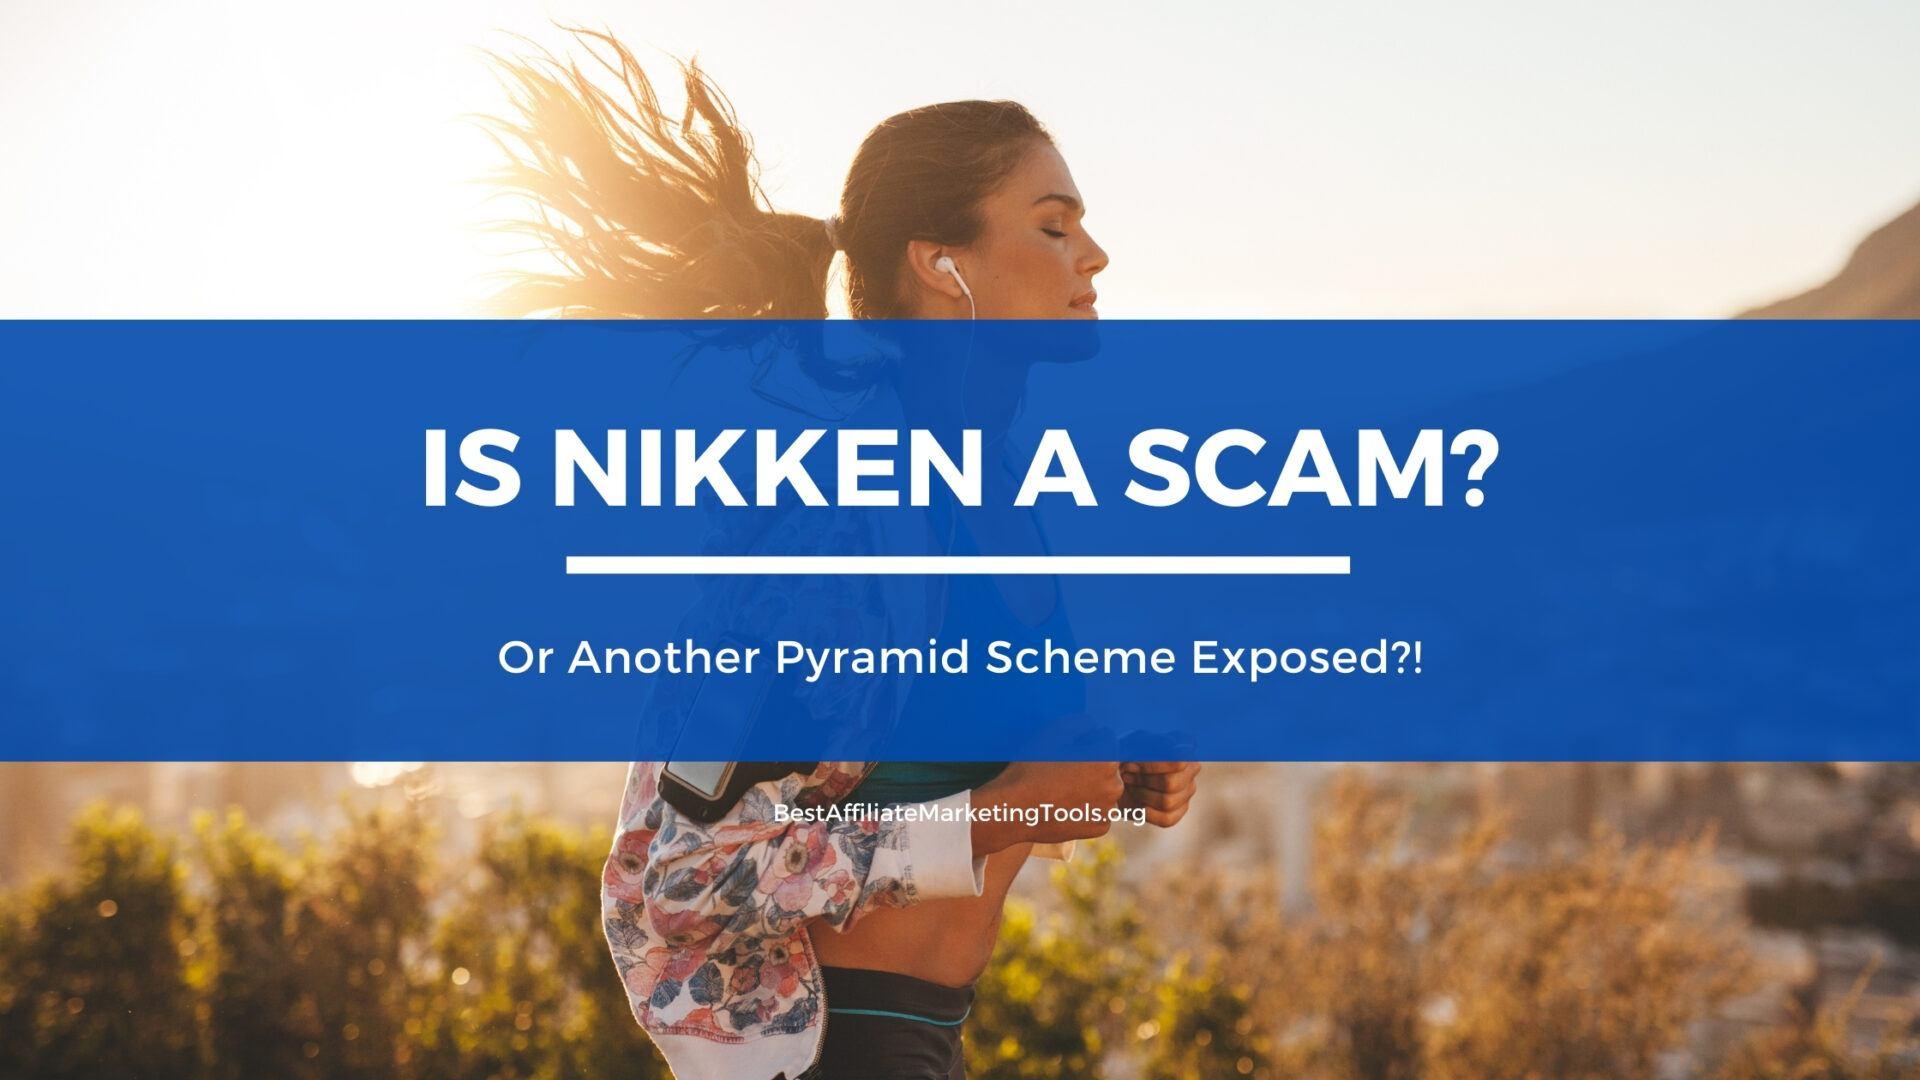 Is Nikken a Scam